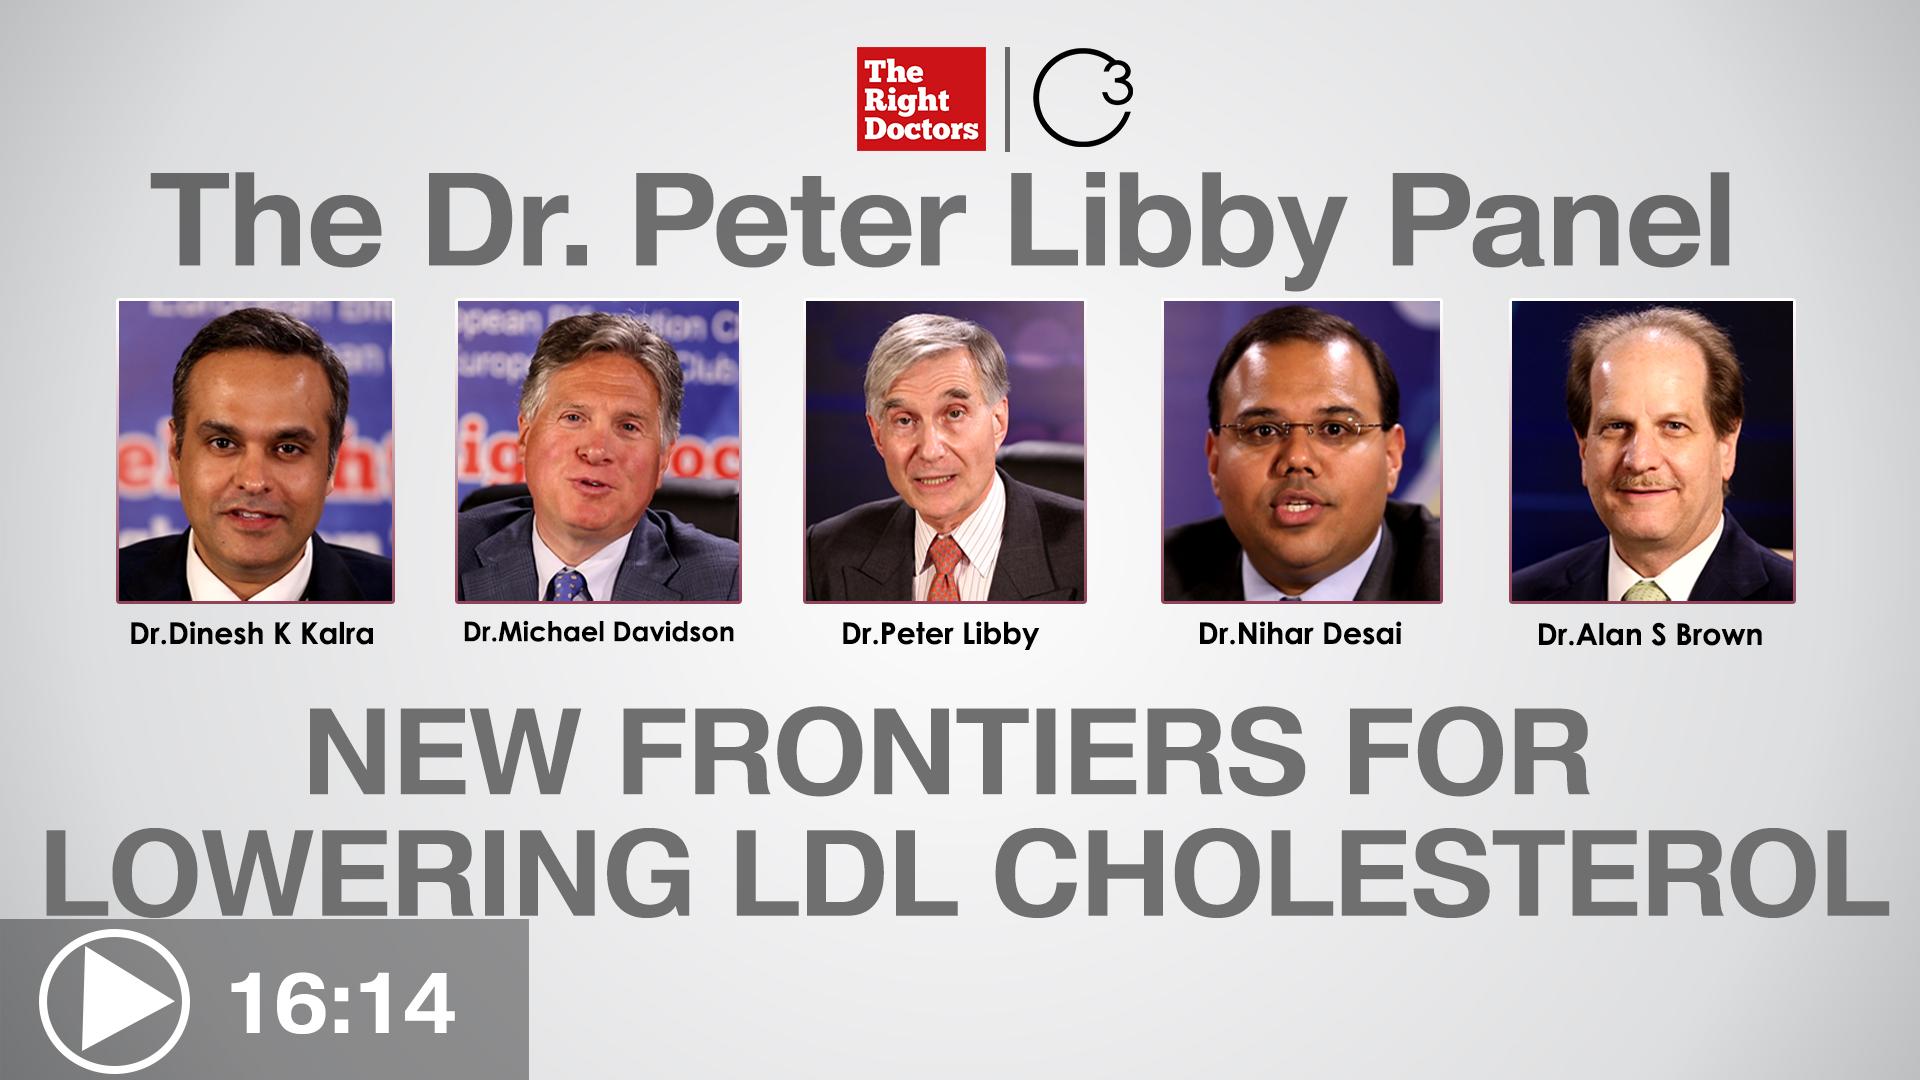 Dr.Peter Libby, Dr. Dinesh K. Kalra, Dr.Nihar Desai, Dr.Alan S.Brown, Dr.Michael H Davidson, Harvard Medical School, LDL Cholesterol